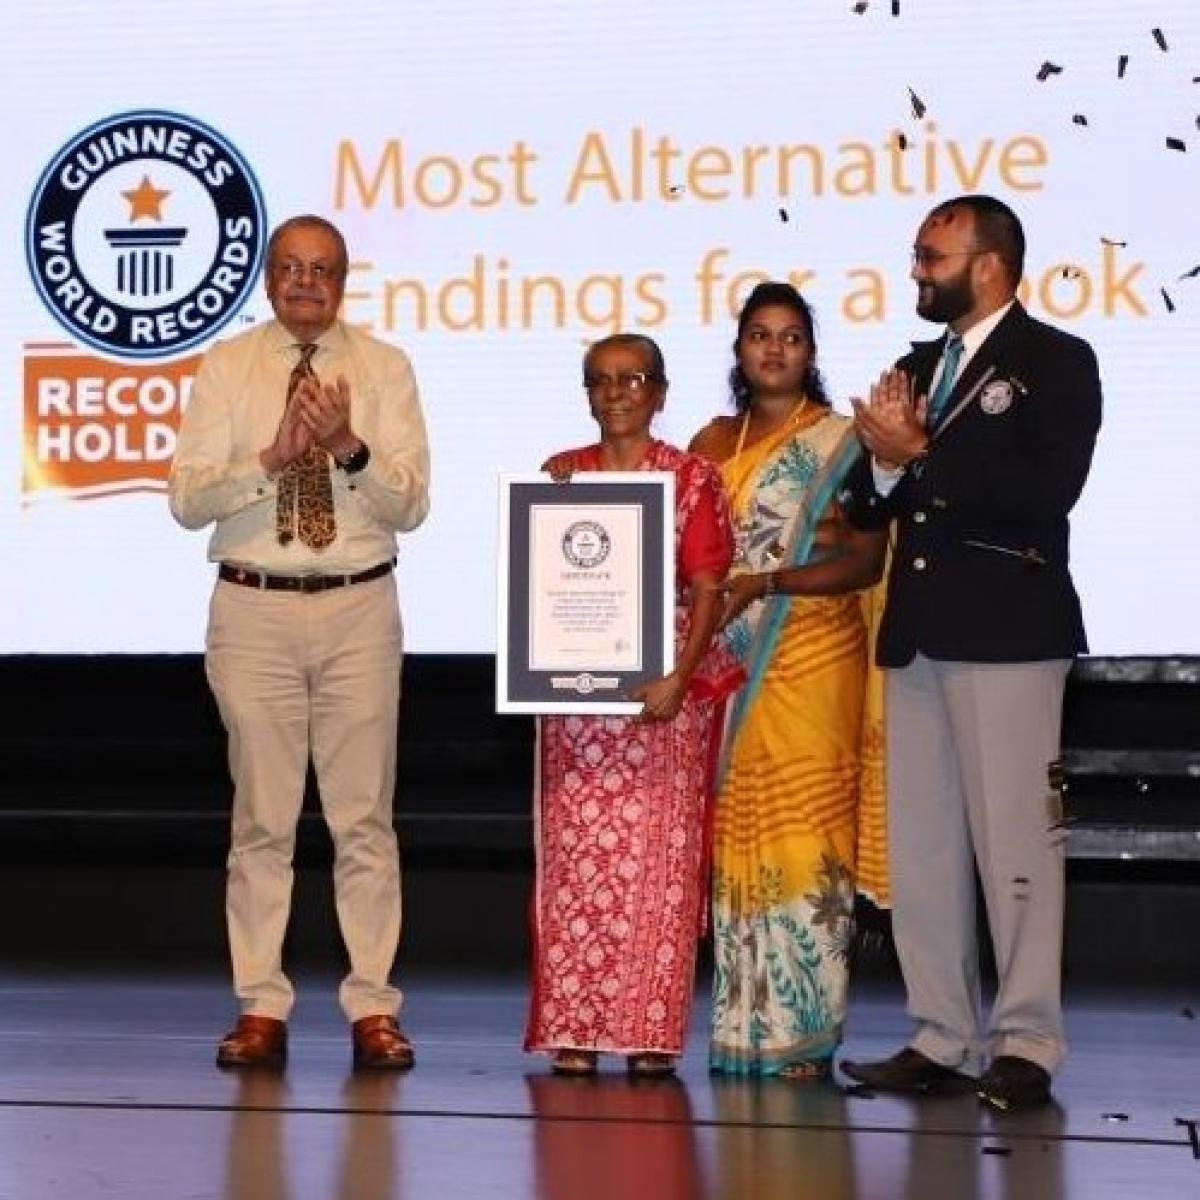 Sri Lankan book breaks Guinness World Record for most number of alternate endings